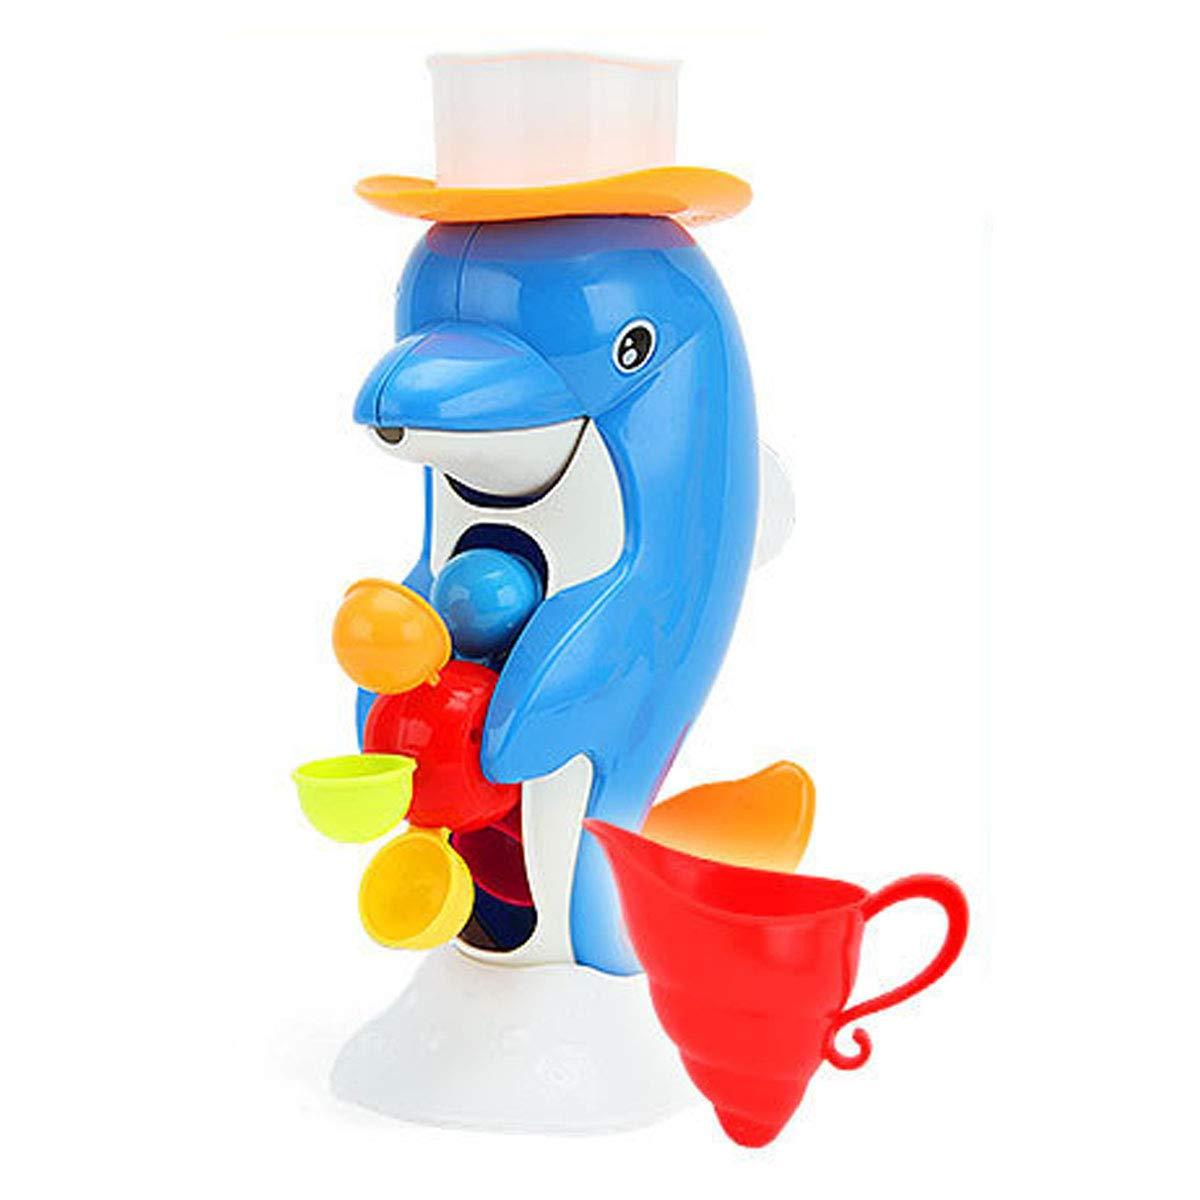 REFURBISHHOUSE Badezimmer Baby Kinder Kleinkind Baden Wasser Spruehwerkzeug Badewanne Badewanne Delphin Spielzeug 164971